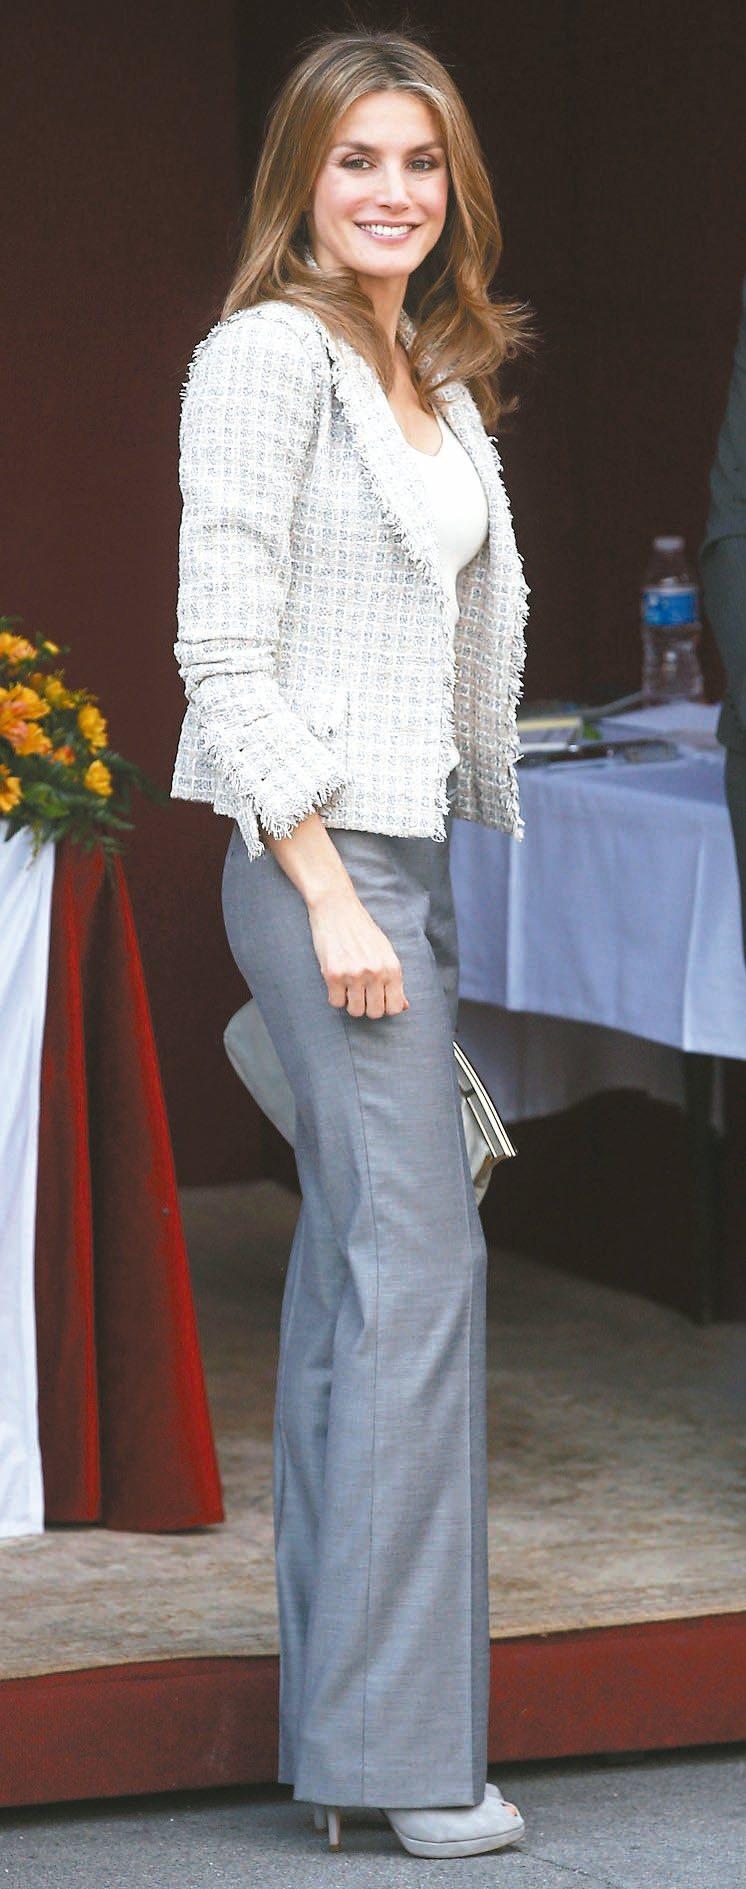 一般王妃比較不常穿的襯衫或褲裝,也是蕾蒂希亞王后的最愛。 路透